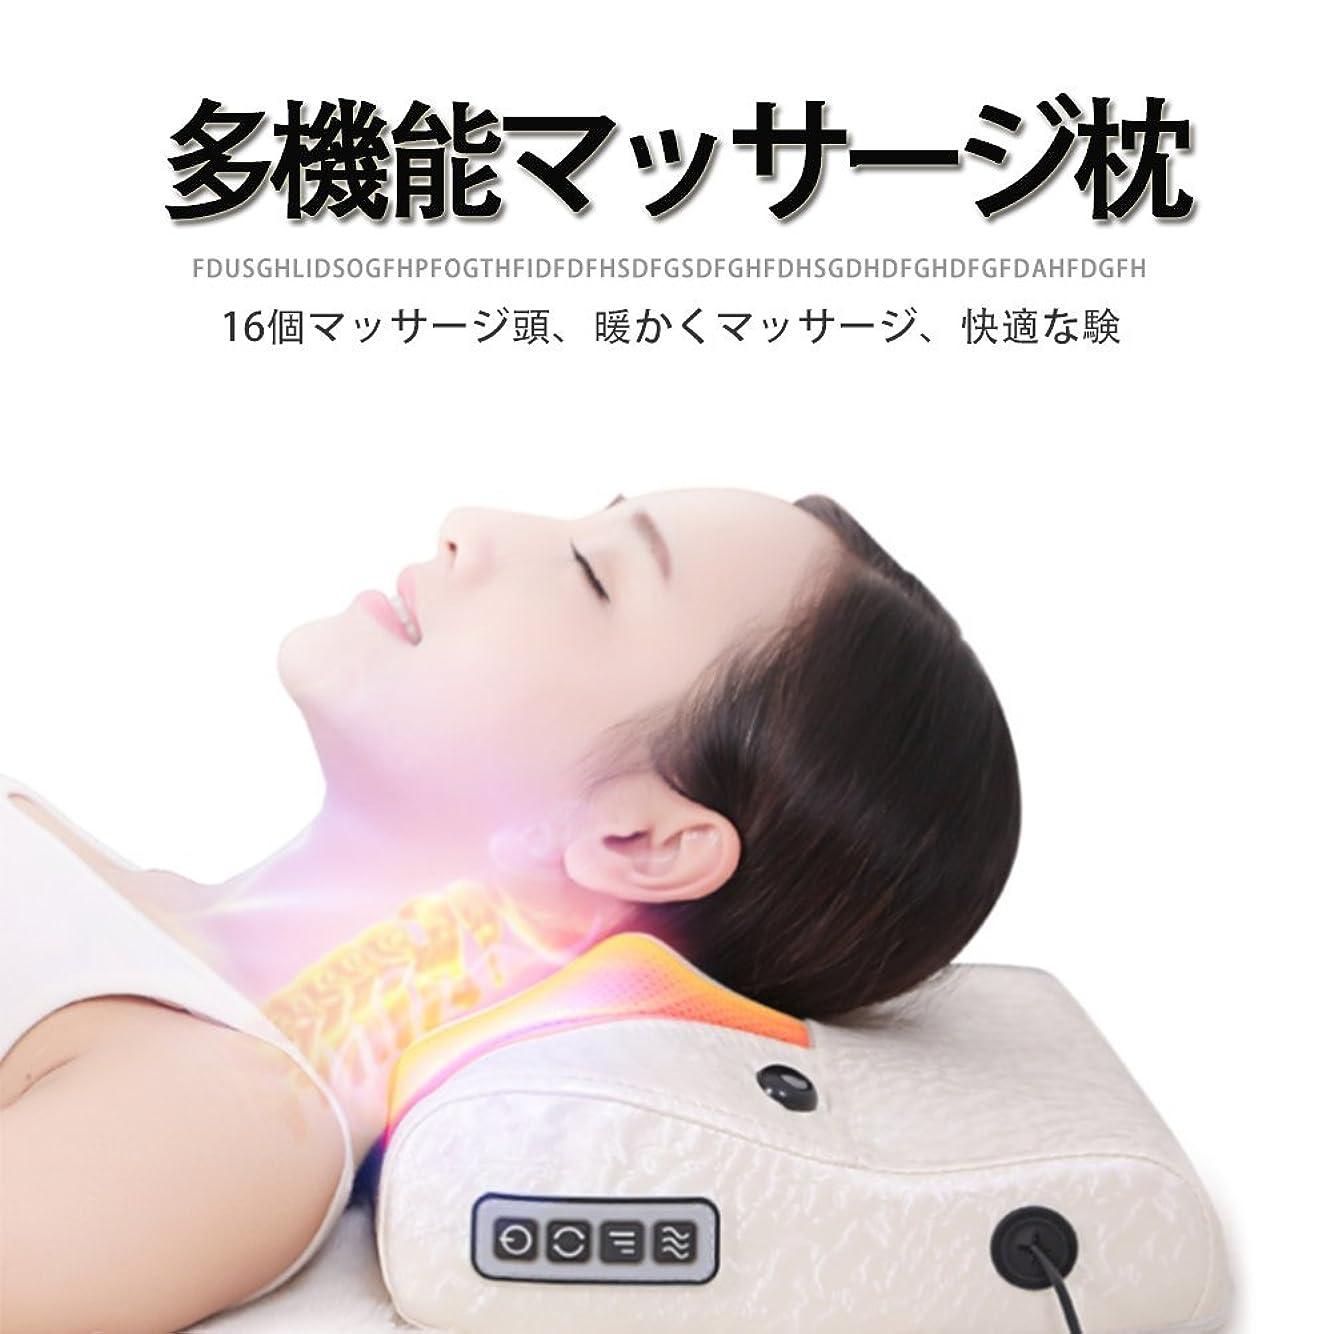 浮く全能統合するLeaTherBack マッサージ枕 首マッサージャー 首?肩マッサージ枕 首ストレッチマッサージャー 血液循環加速&ストレス解消 赤外線療法